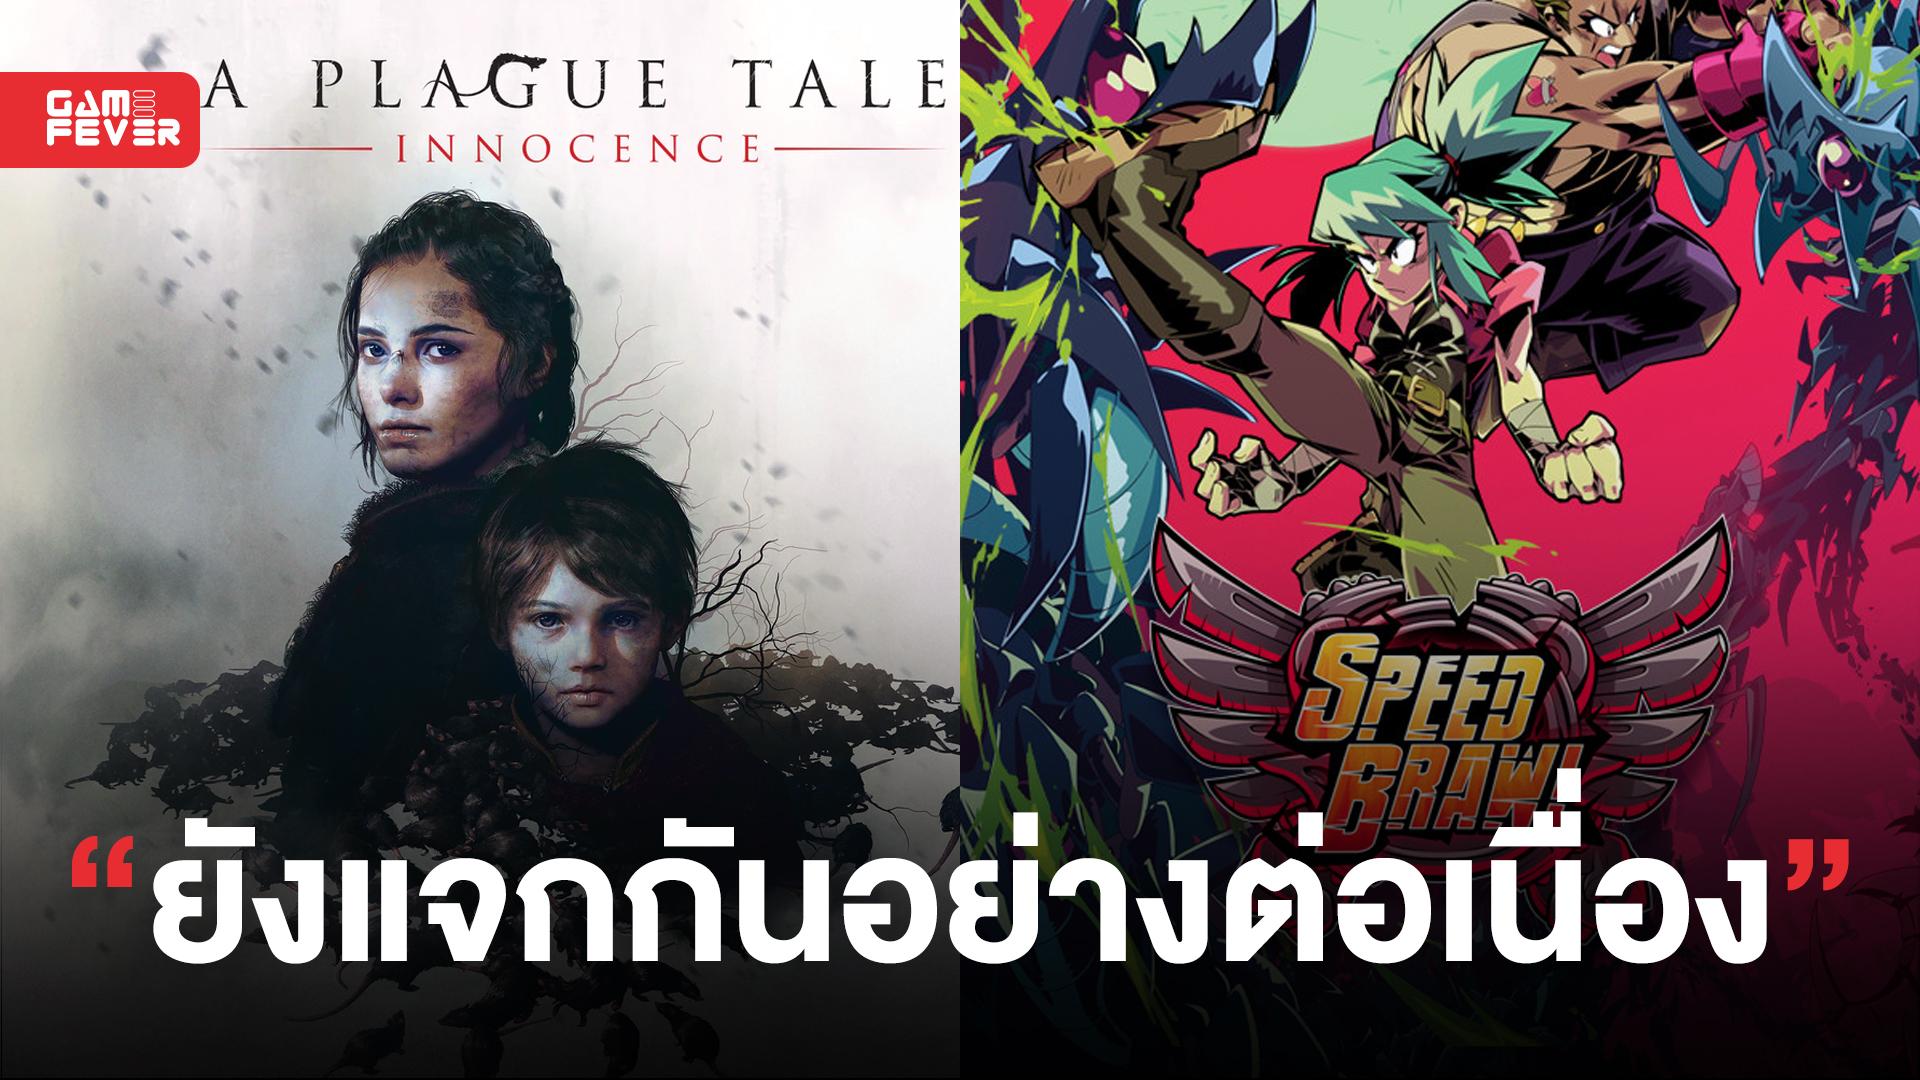 Epic Games Store เตรียมแจก A Plague Tale: Innocence และ Speed Brawl วันที่ 5 สิงหาคมนี้